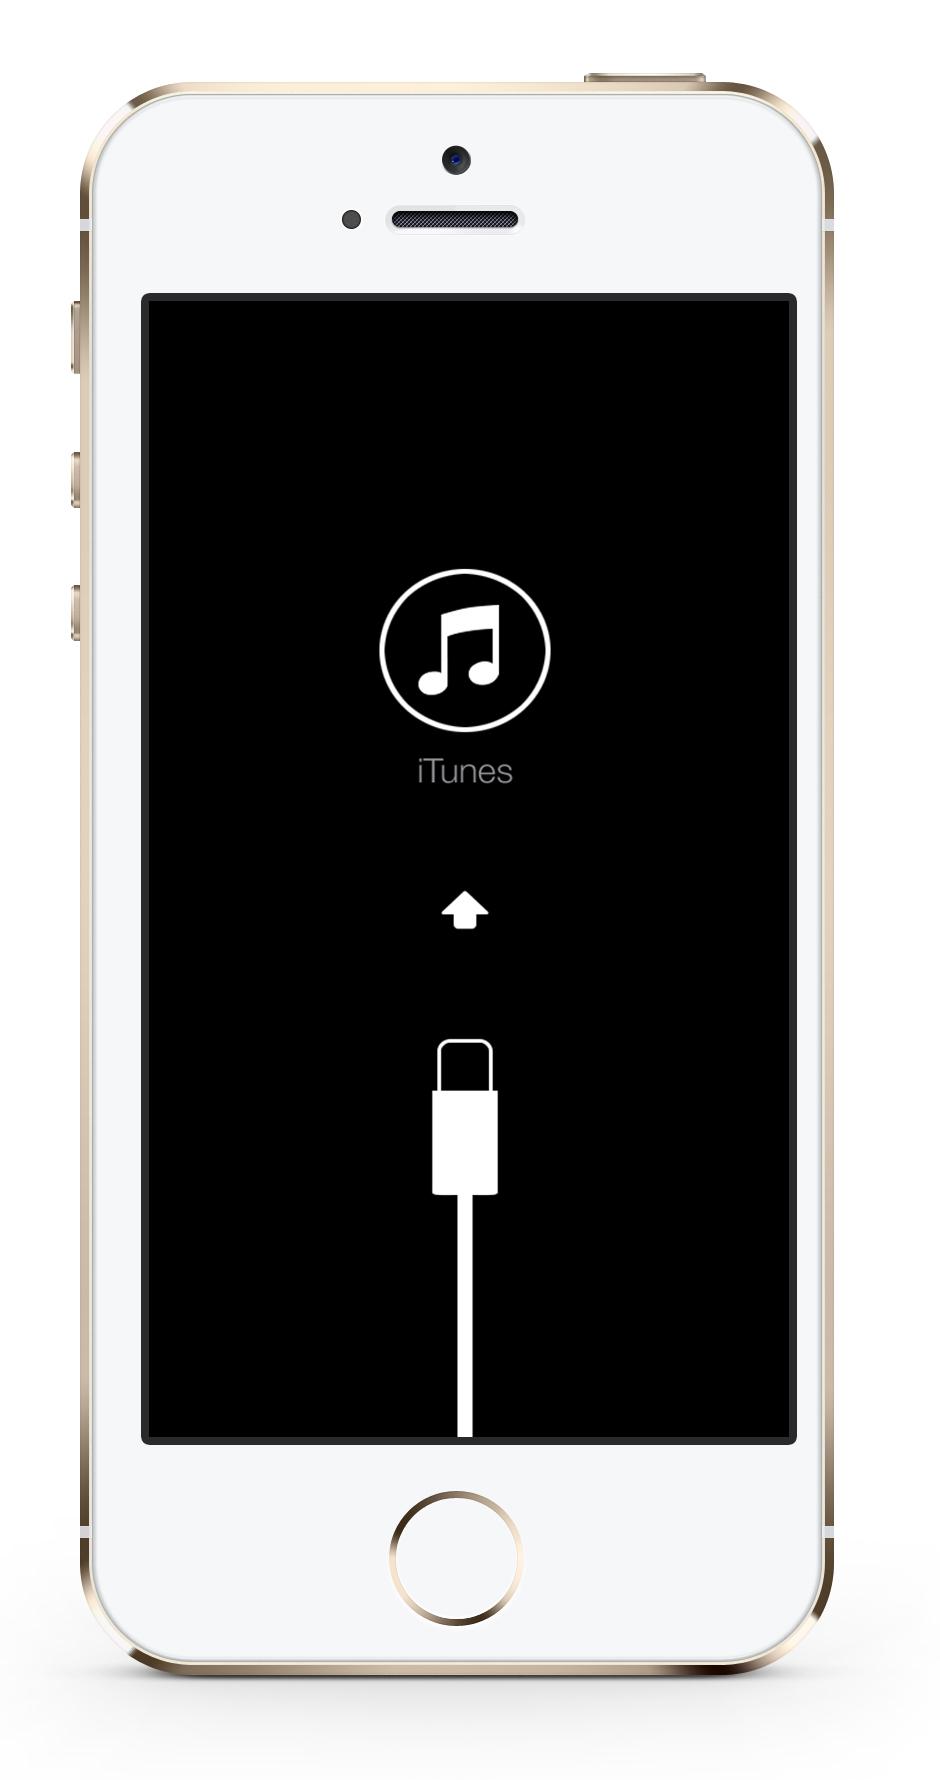 iphone 5s rahmen reparatur